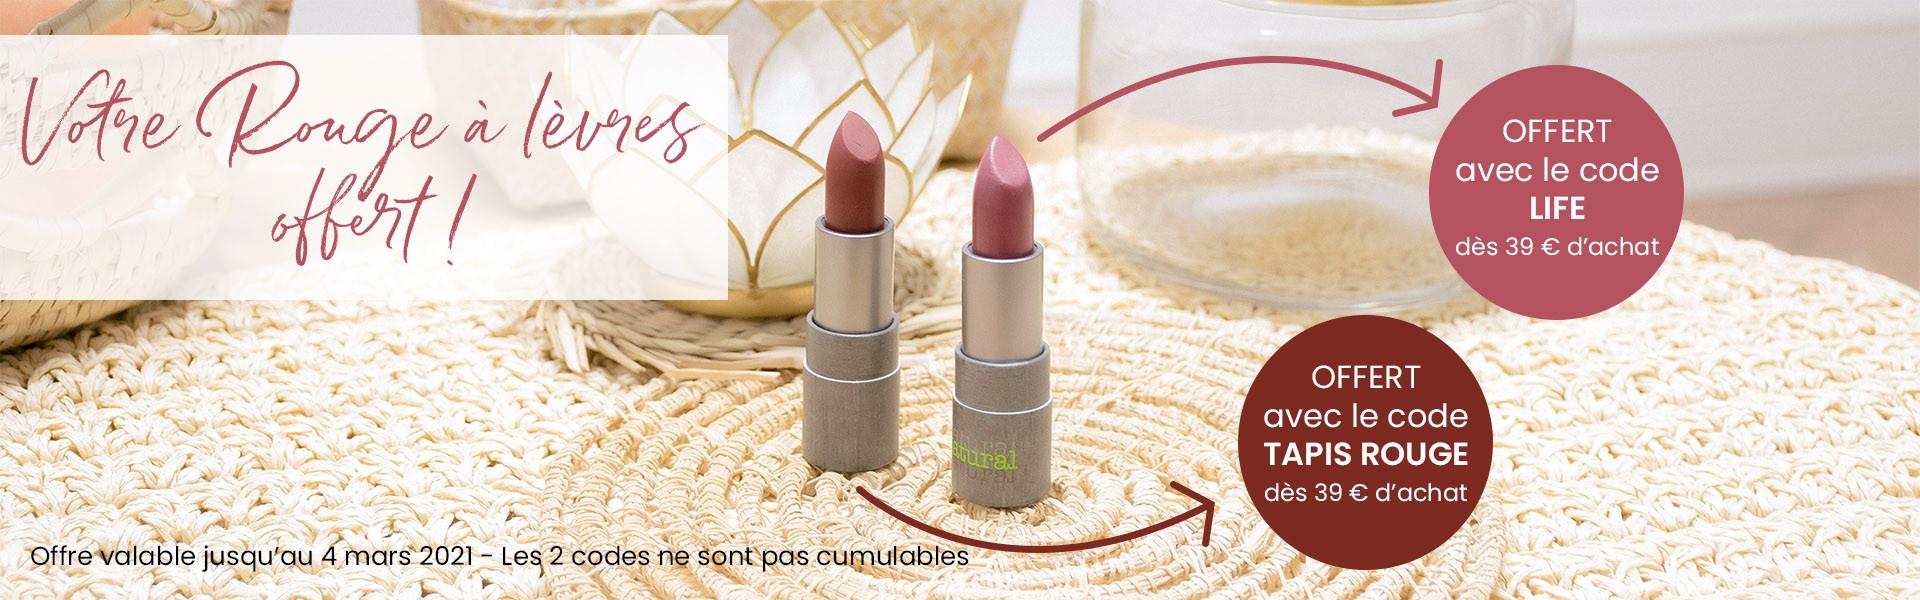 1 rouge à lèvres offert dès 39 € d'achat !